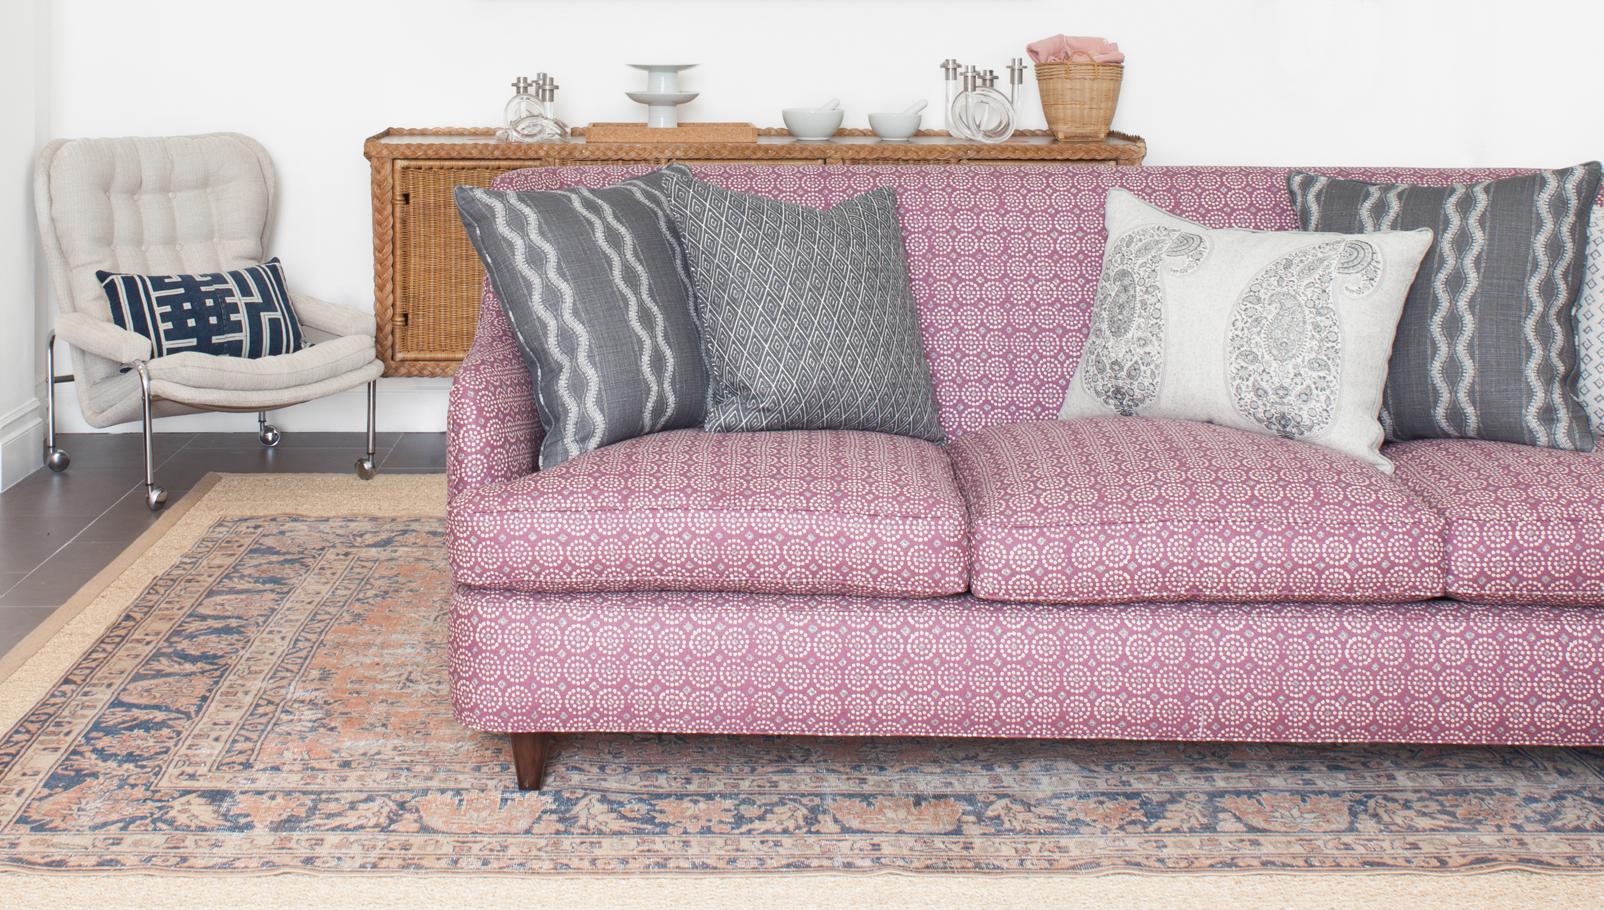 Sari Pasha couch.jpg